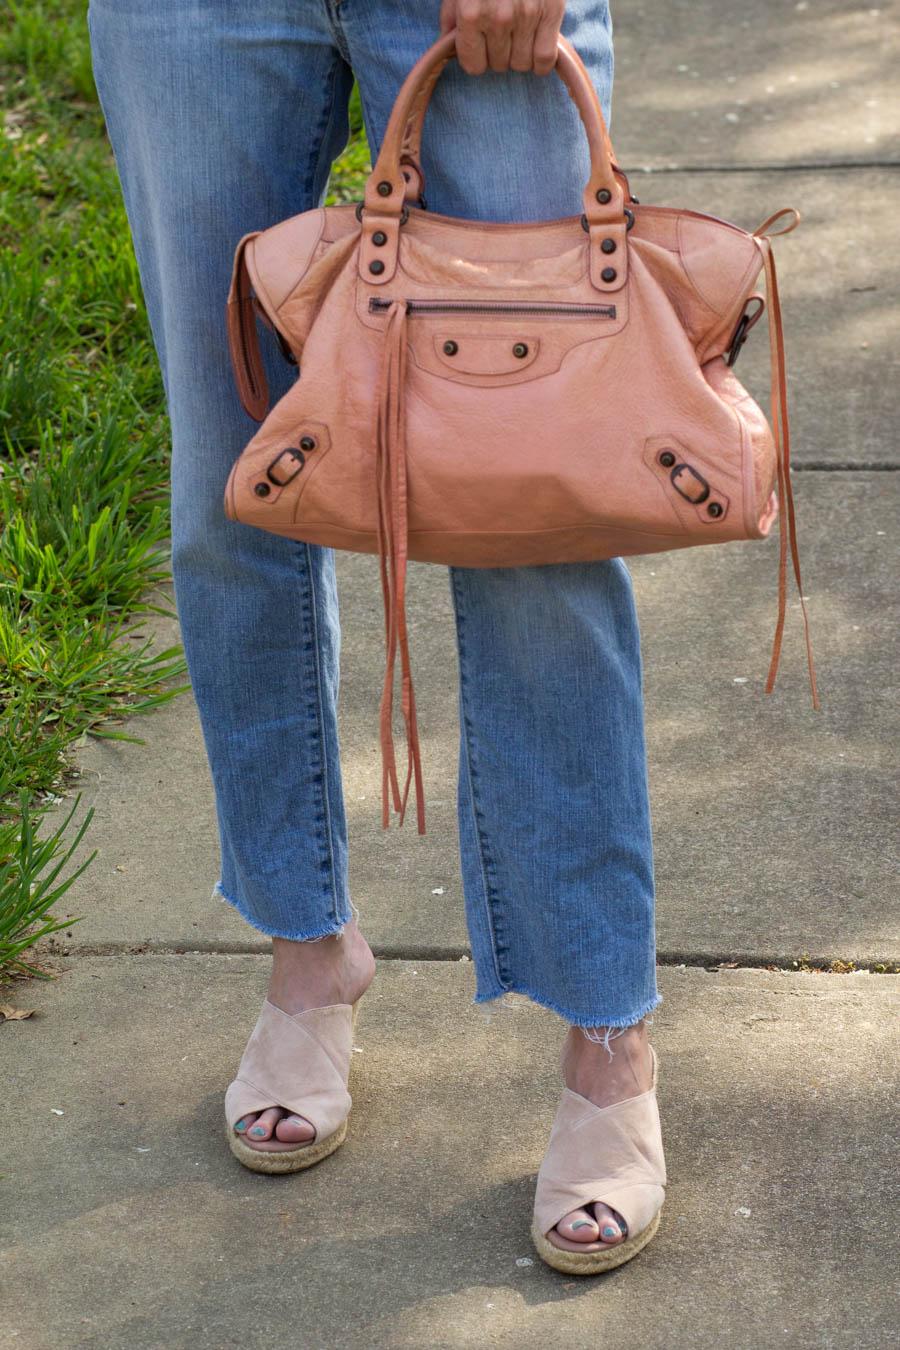 Balenciaga bag with light denim